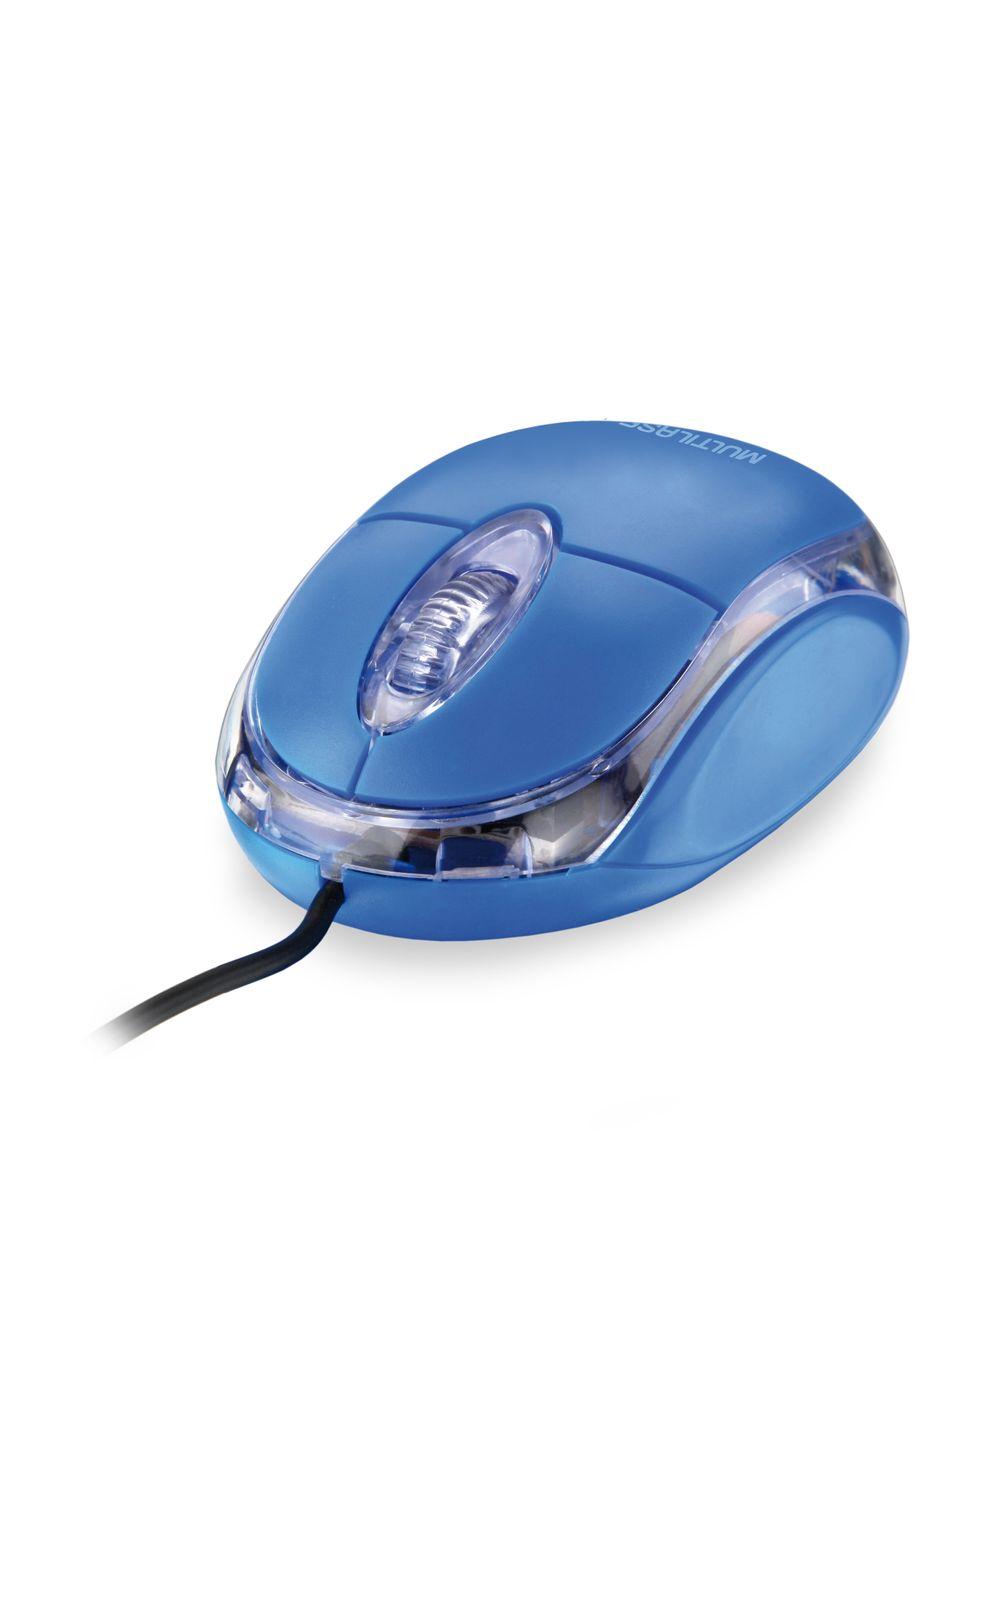 Foto 1 - Mouse Classic 800Dpi Usb Azul MO001